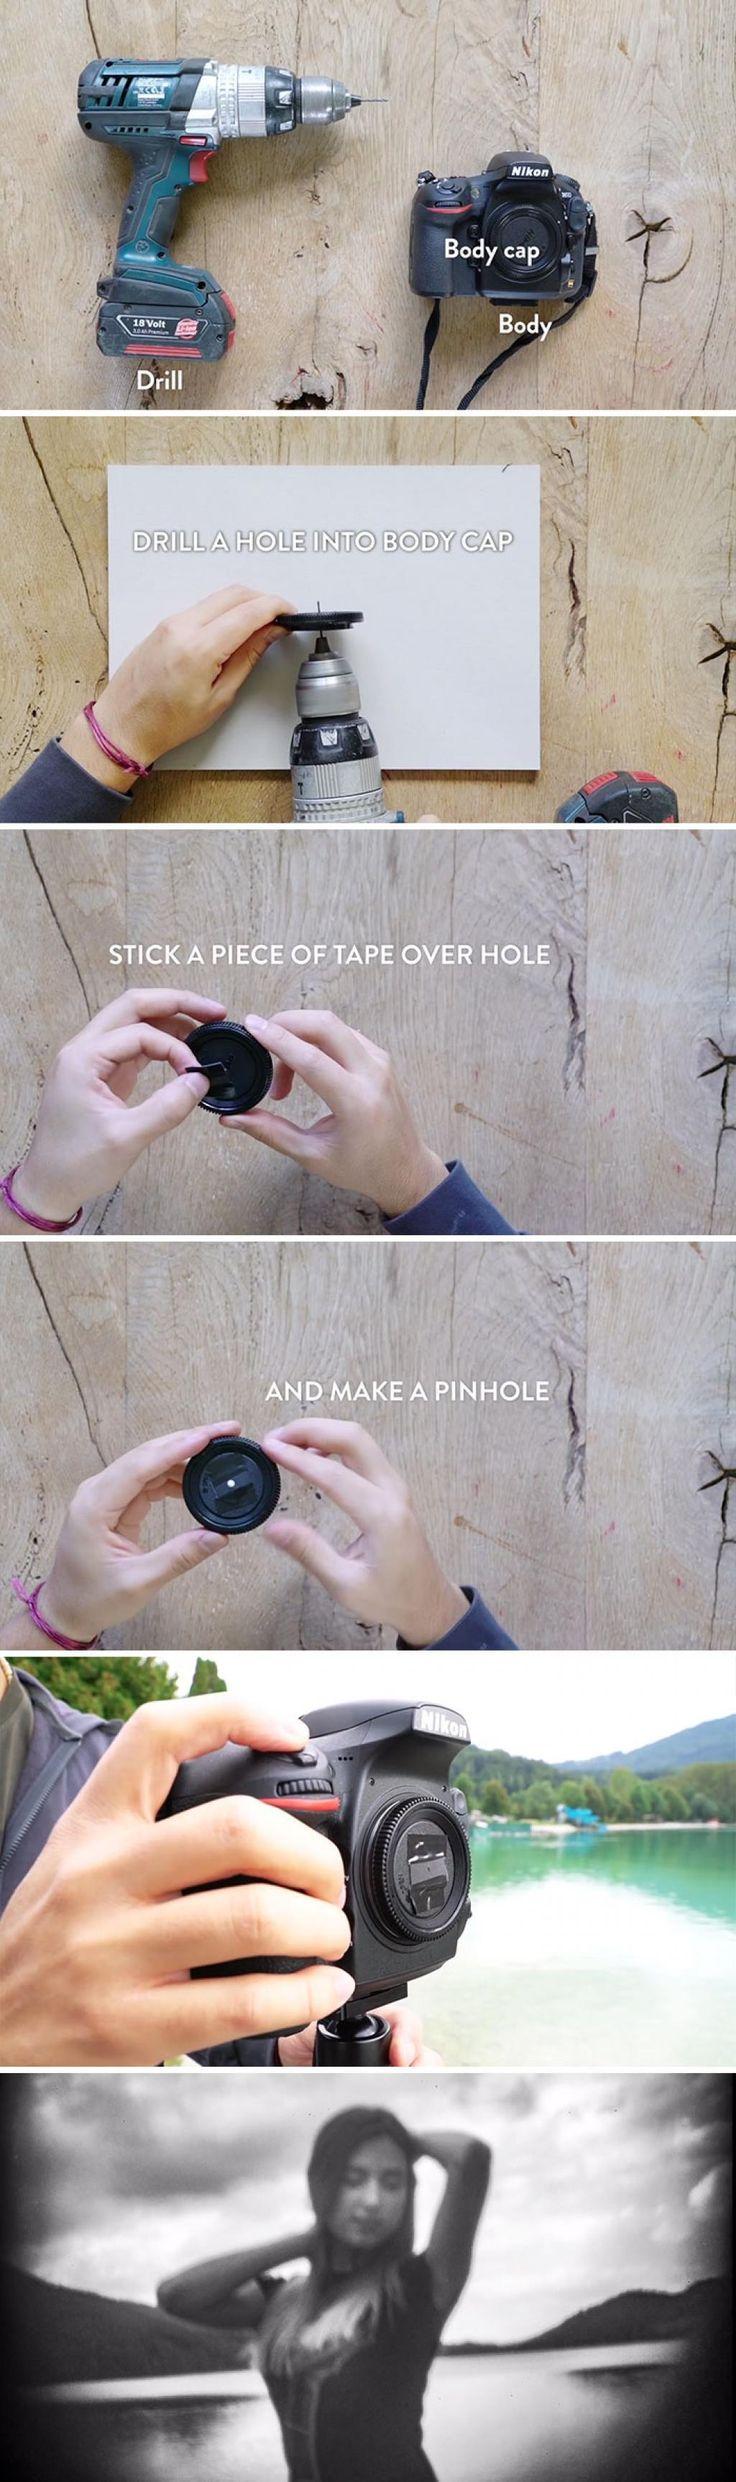 Apprend plus vite avec des astuces simples à reproduire!